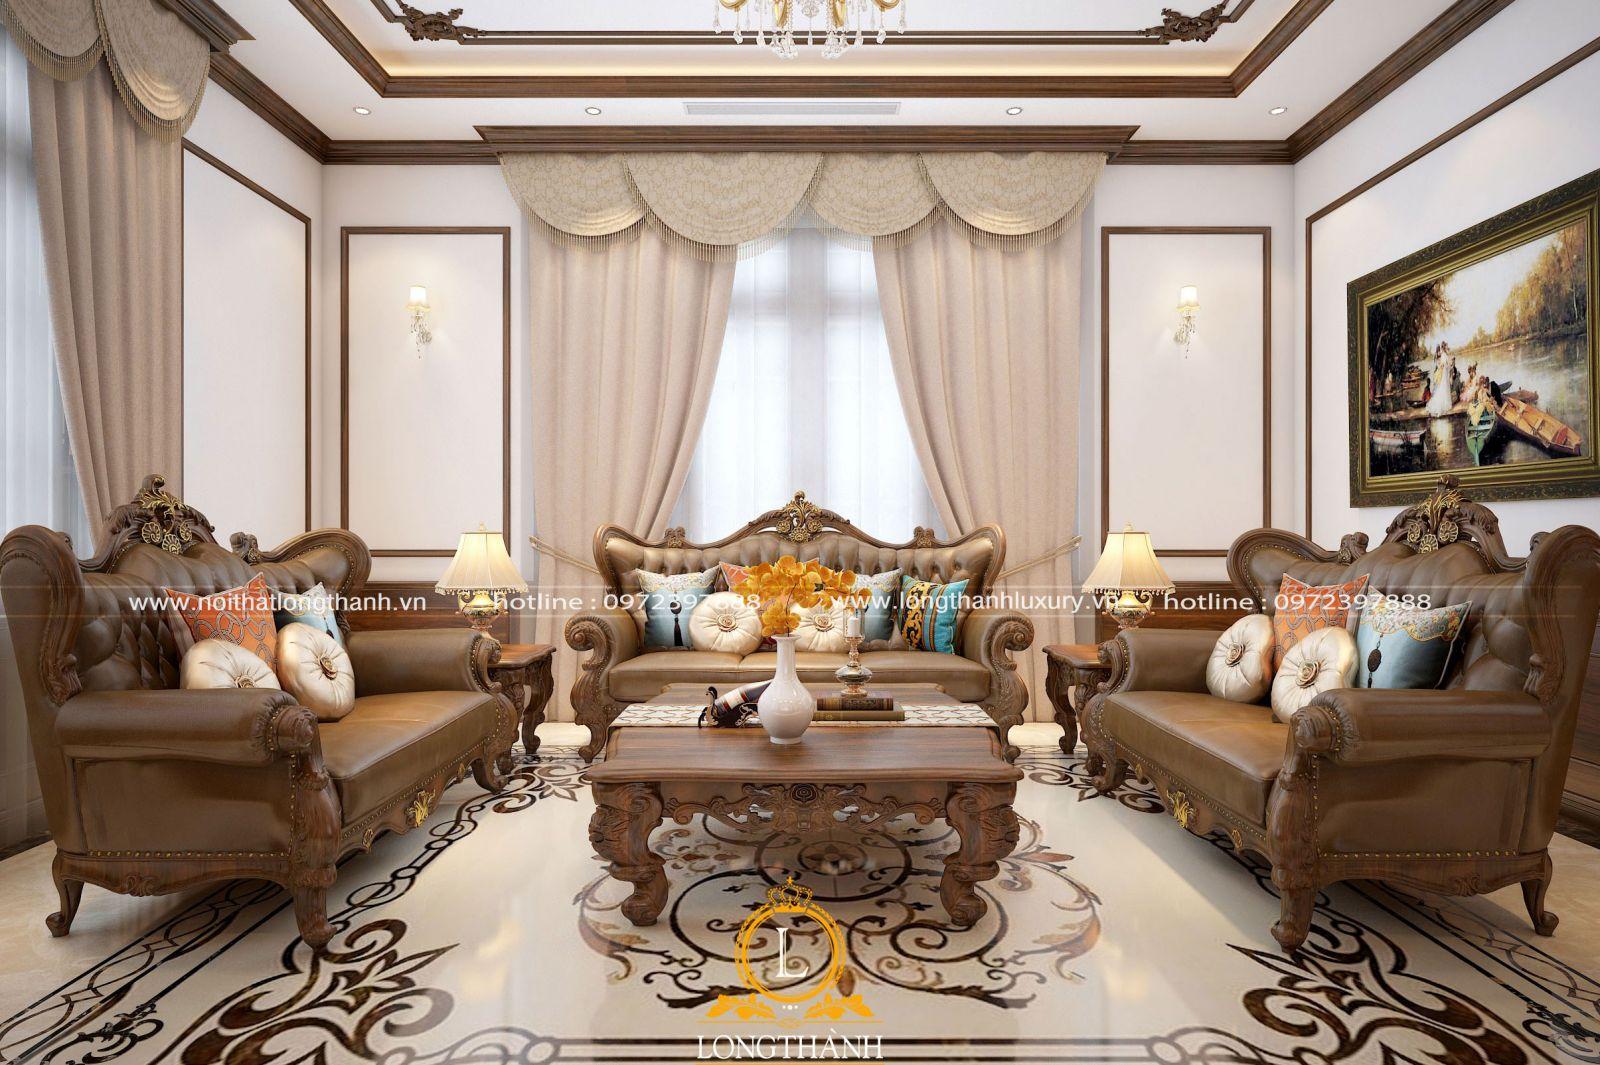 Những chiếc gối ôm xuất hiện trên ghế sofa là món đồ nội thất tạo điểm nhấn thú vị